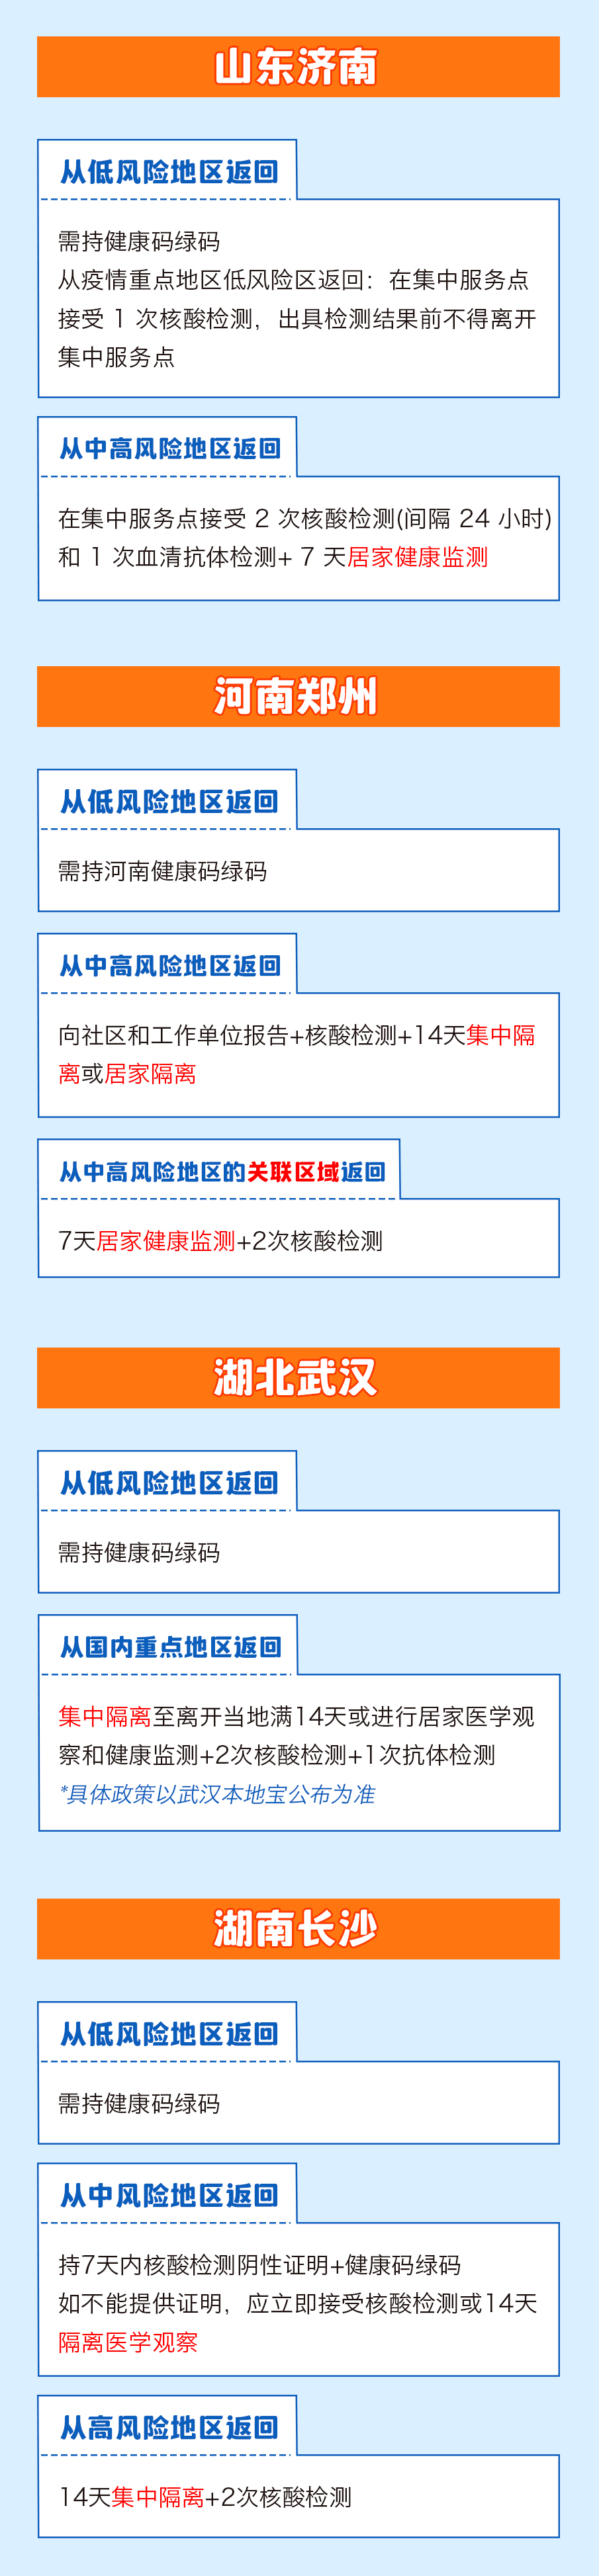 春节返乡是否需要隔离?31个省市最新情况一图看懂!